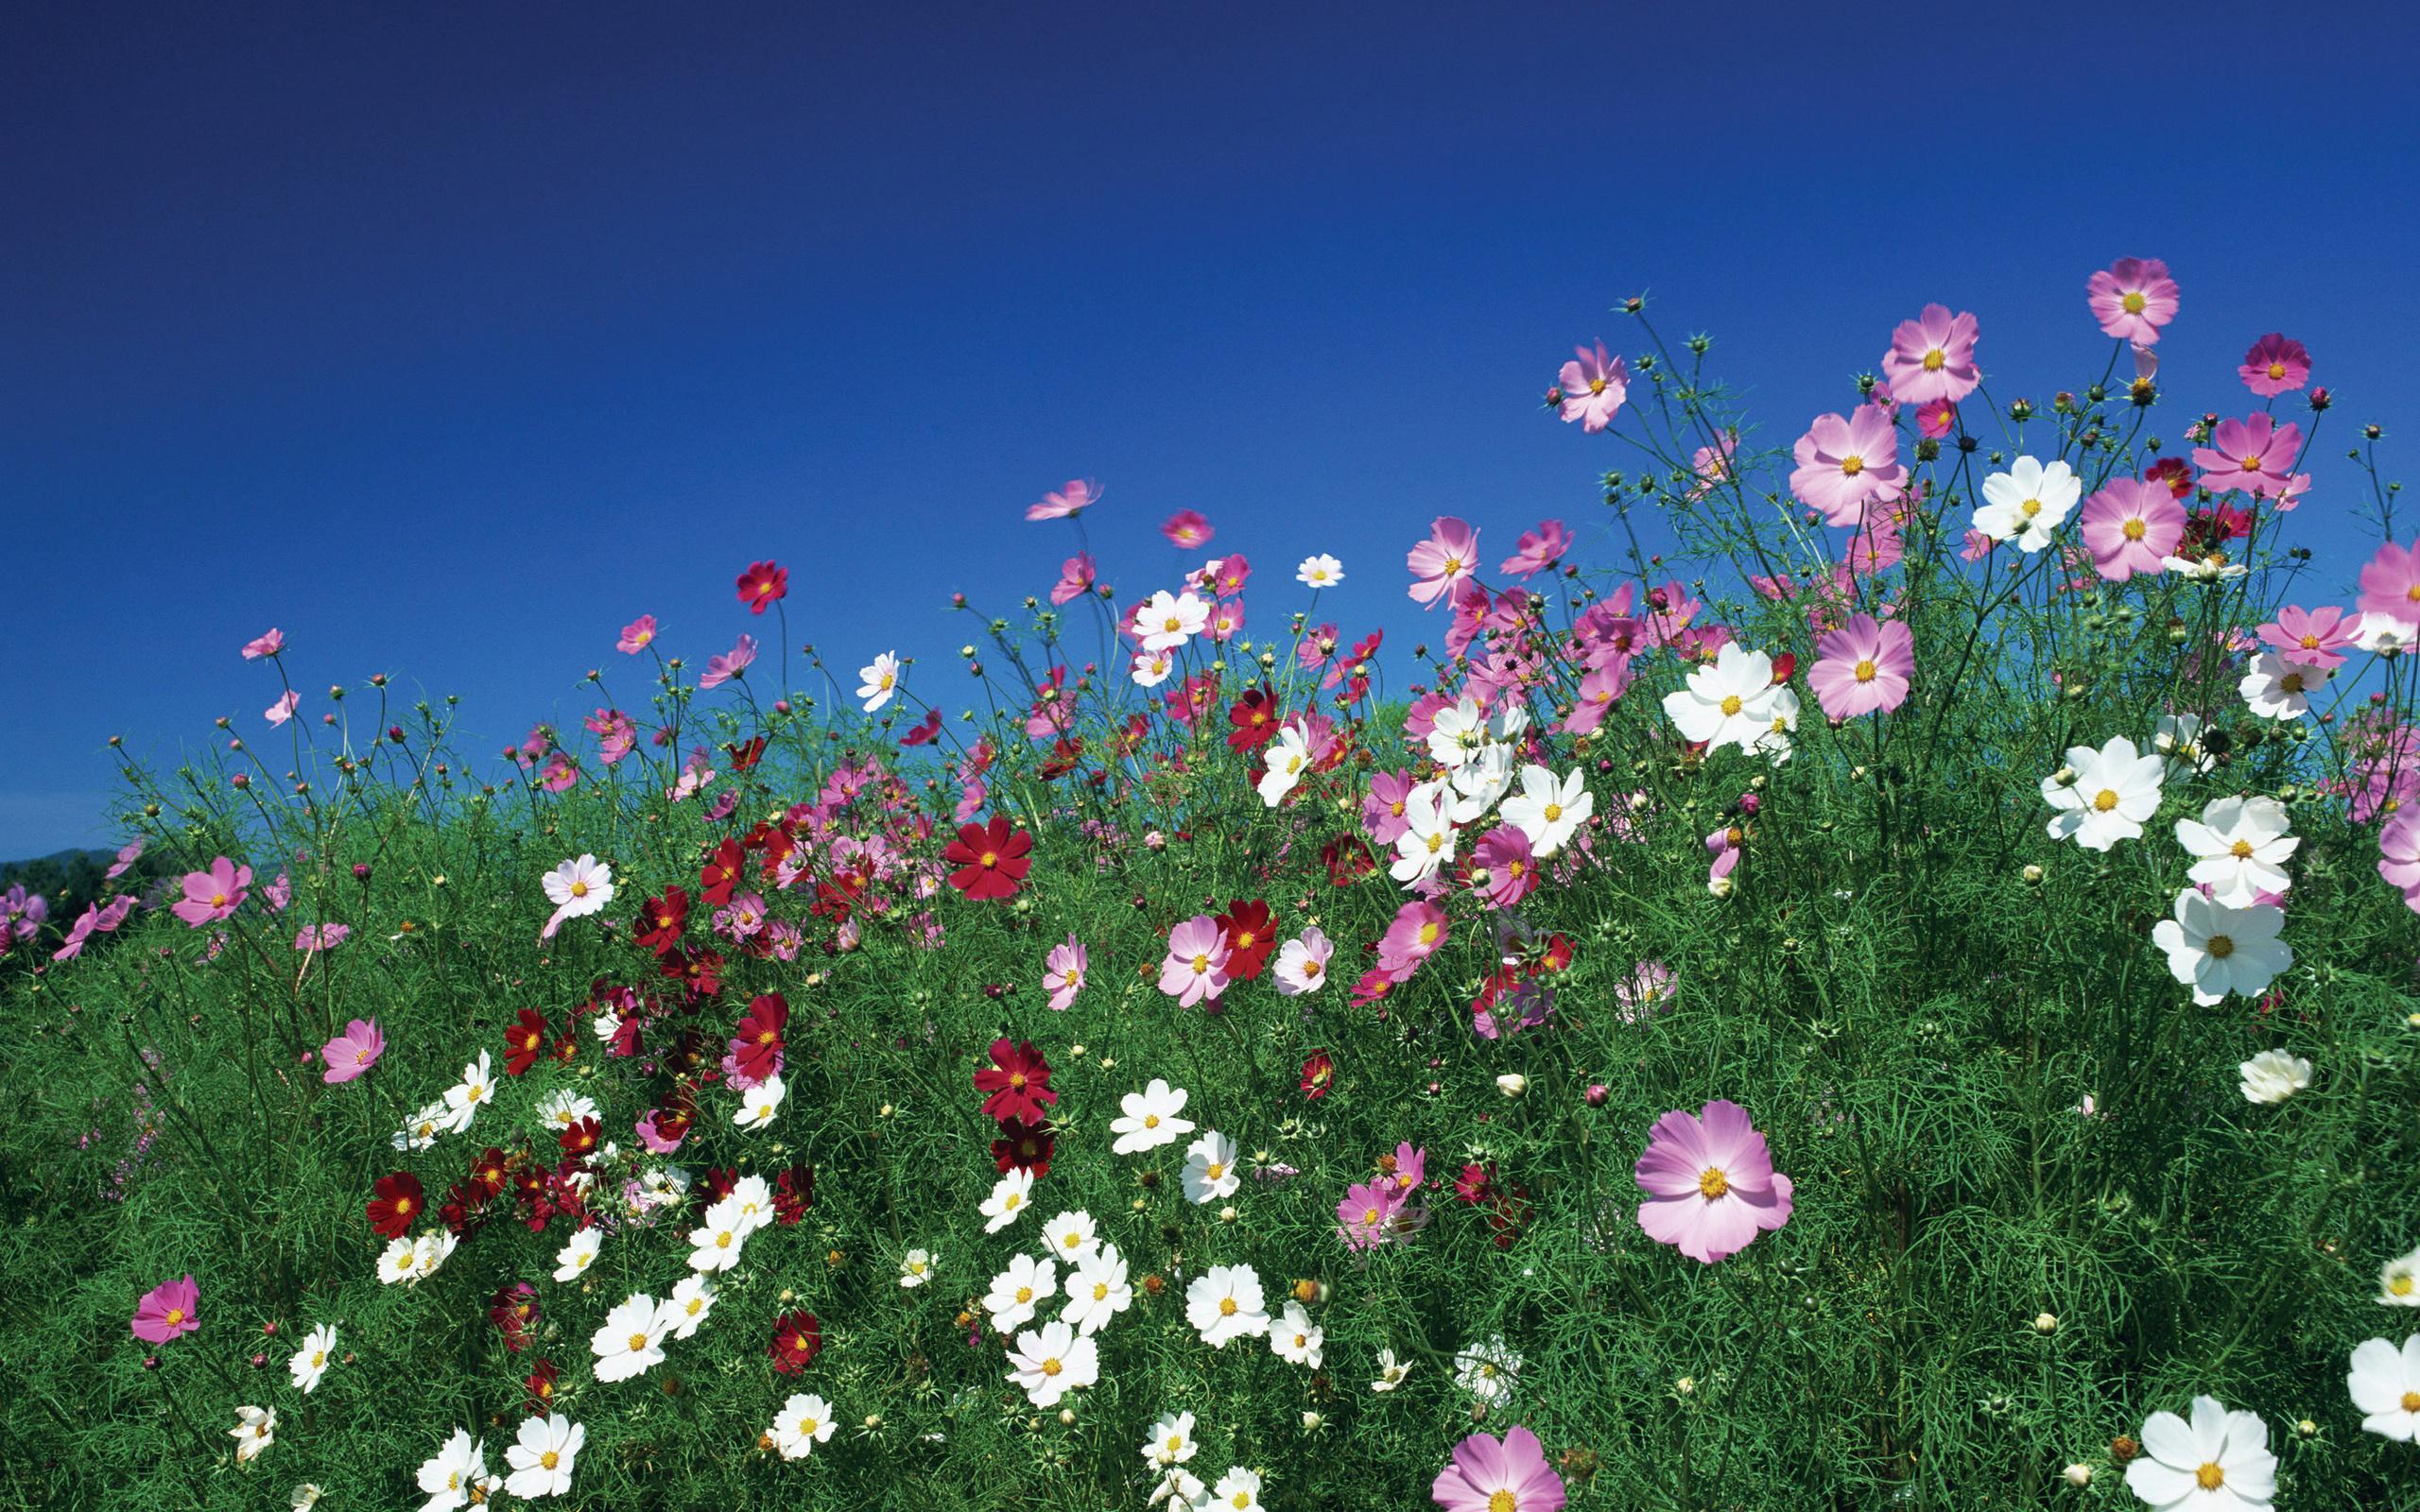 Flower Meadow Wallpaper Flowers Sky Meadow Wallpaper